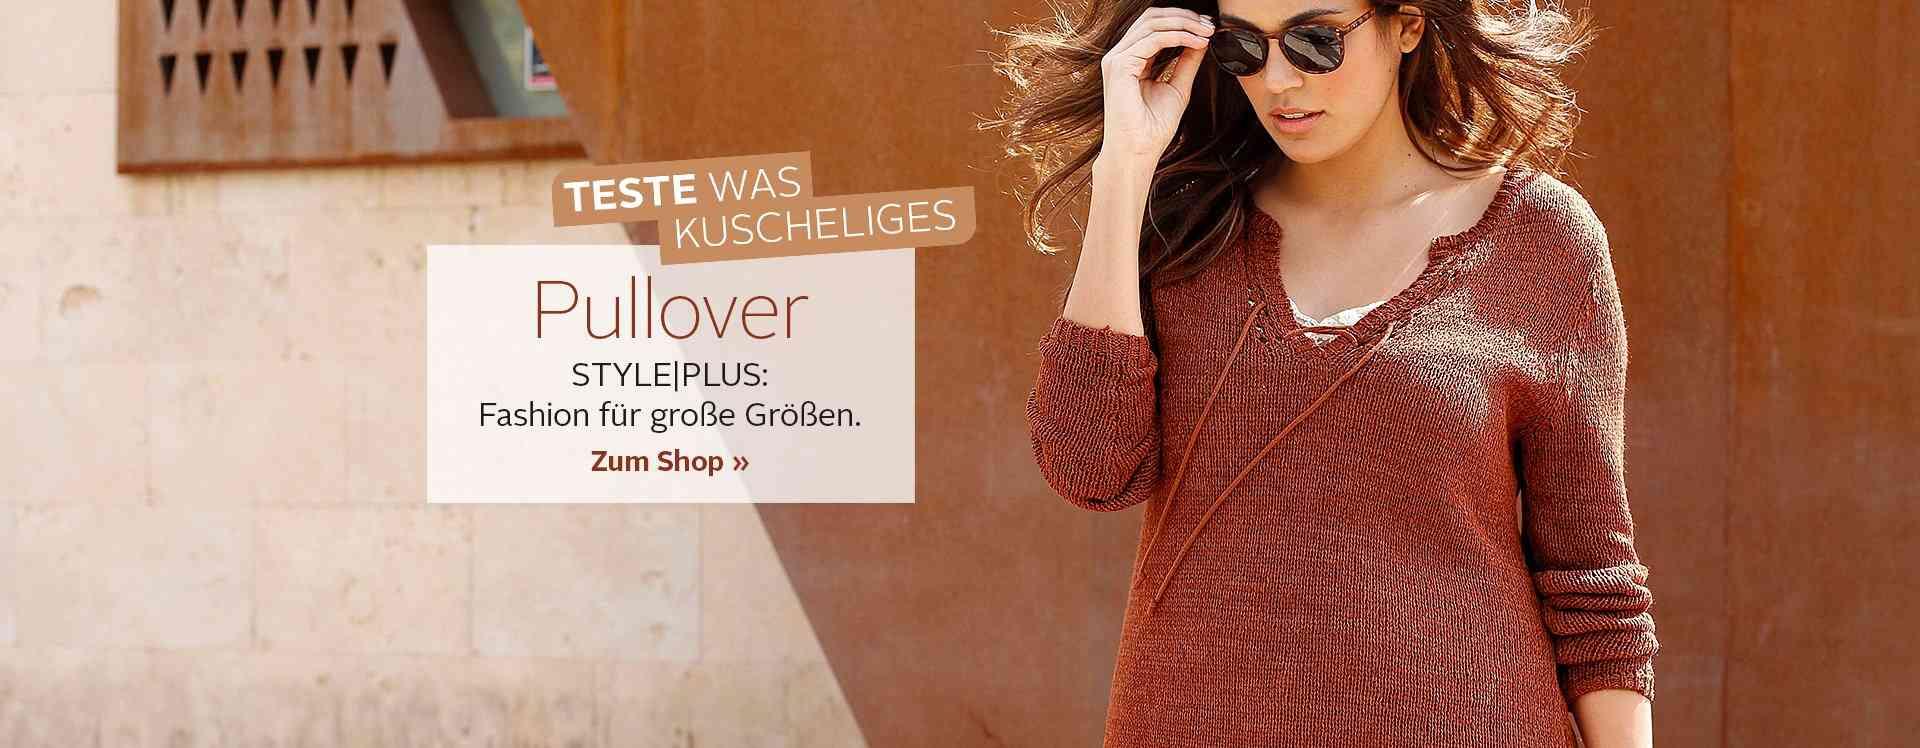 Diese Auswahl an Pullover in großen Größen lässt keine Wünsche offen. Jetzt reinschauen bei OTTO.